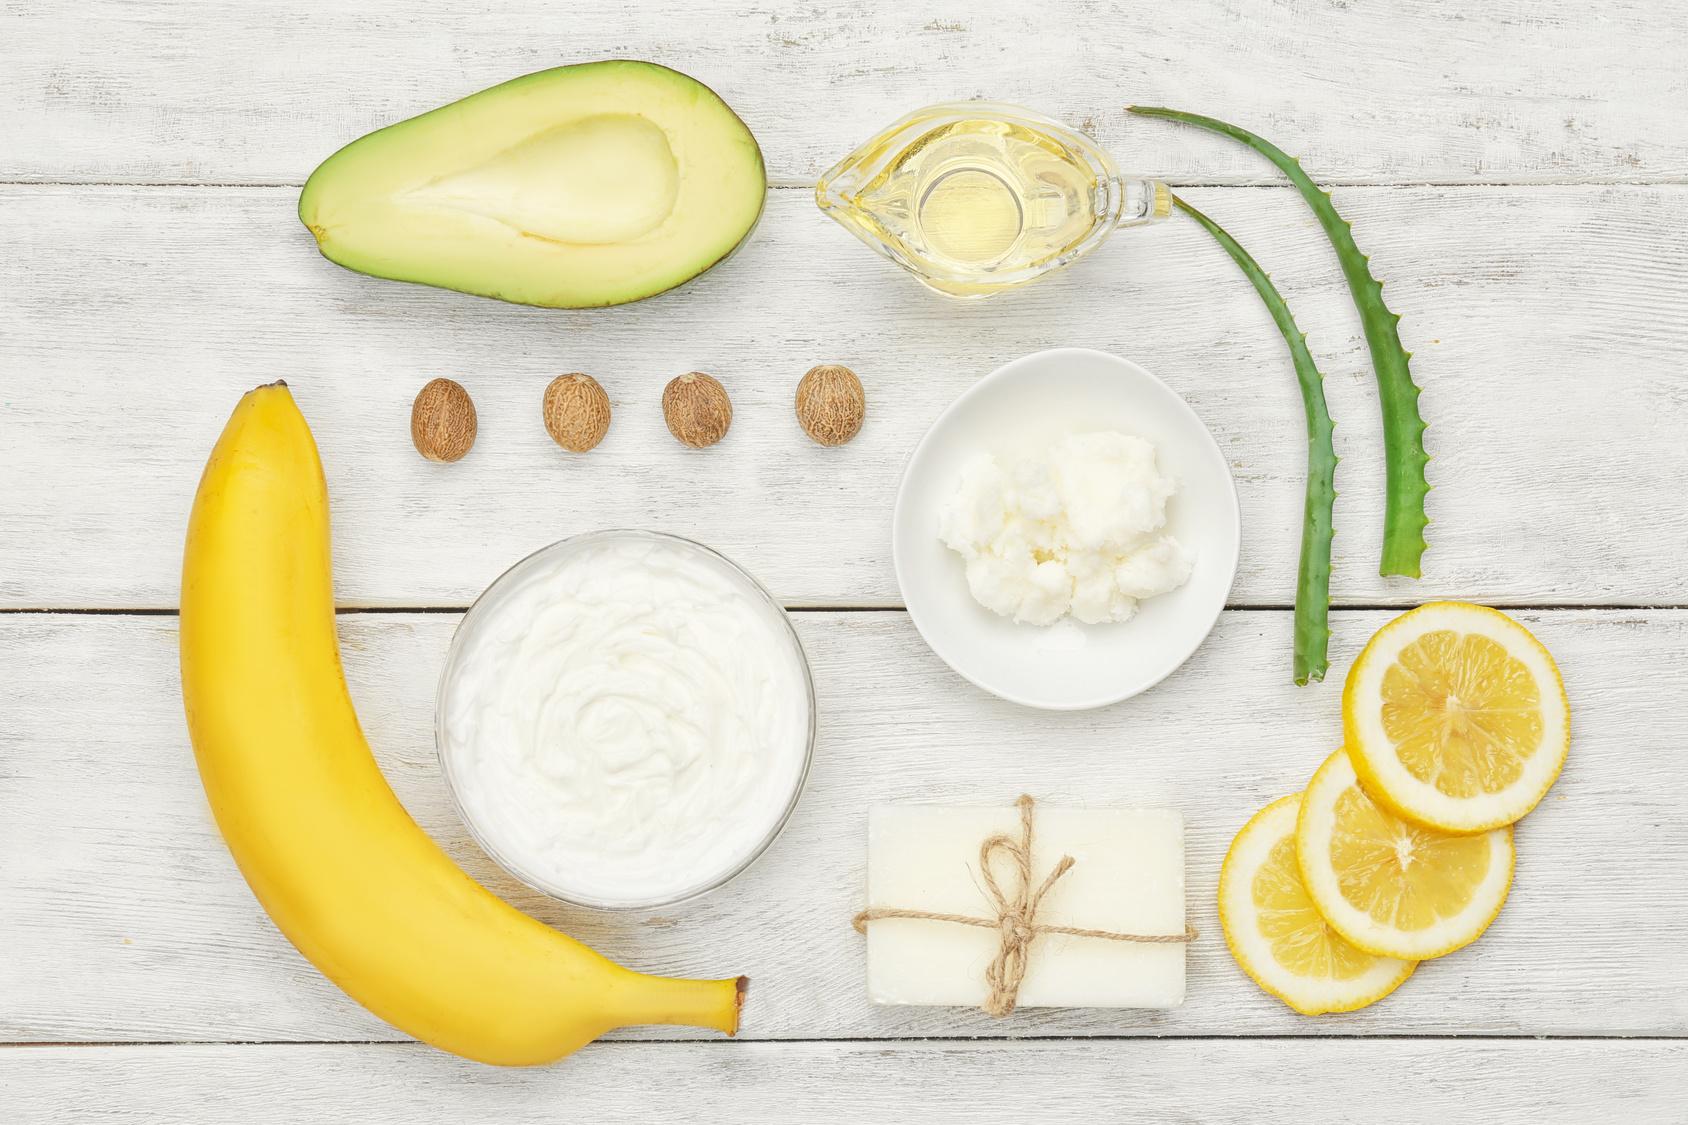 Les actifs issus de la banane : le secret beauté de Kadalys